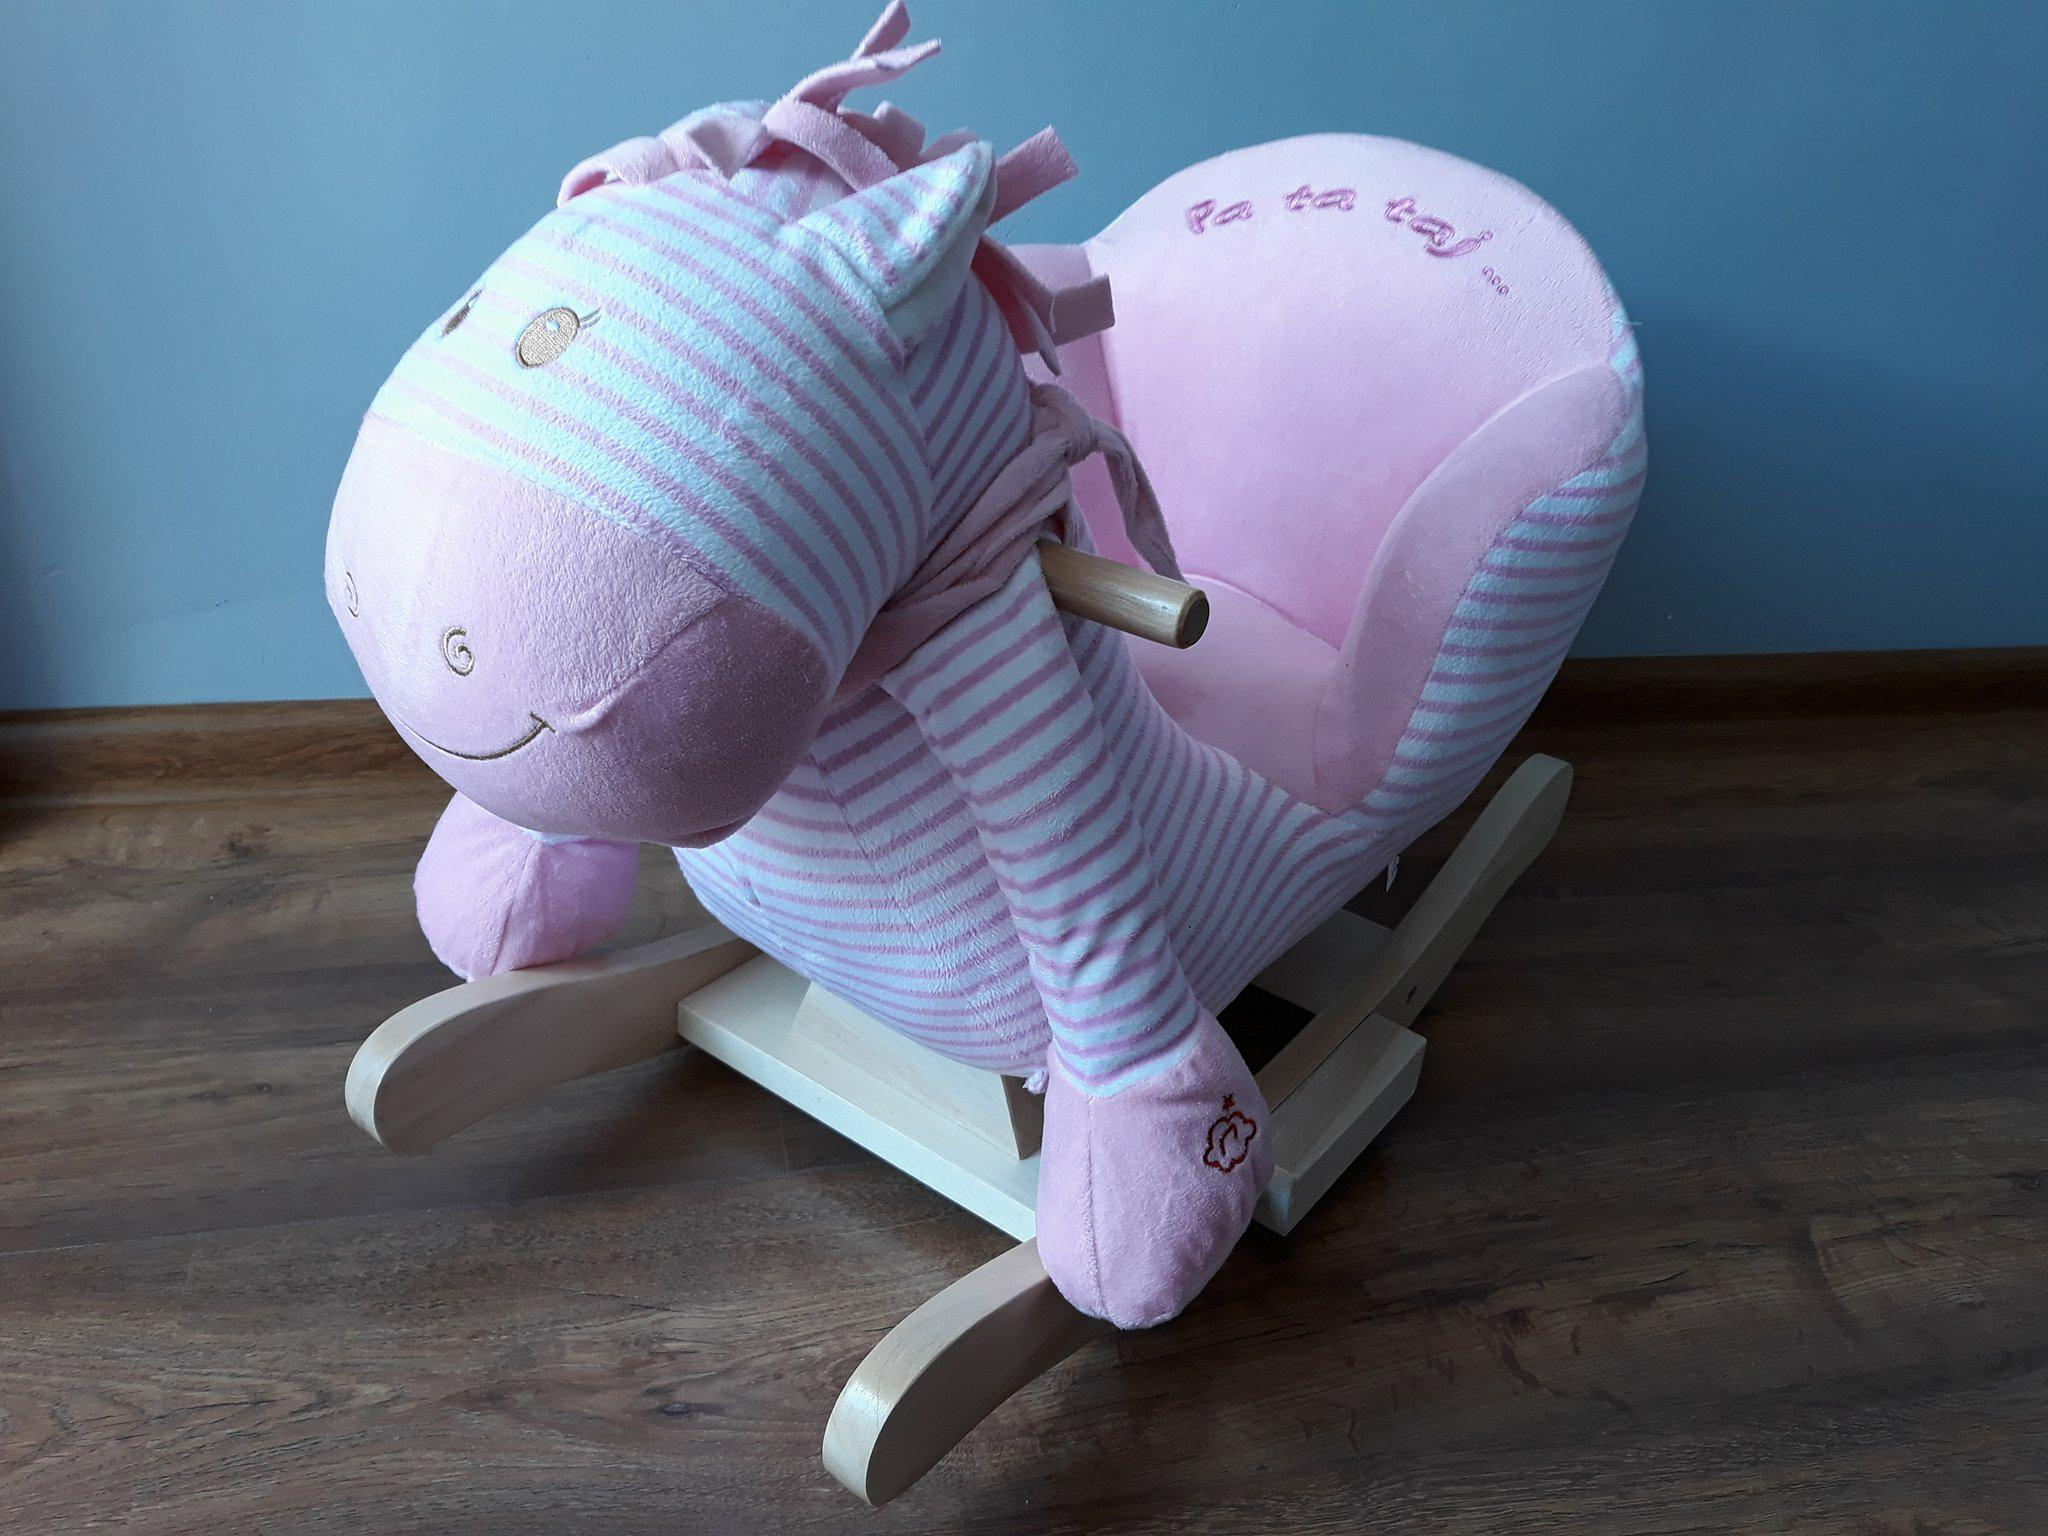 Bujak dla dzieci. Zebra/koń nabiegunach różowy.